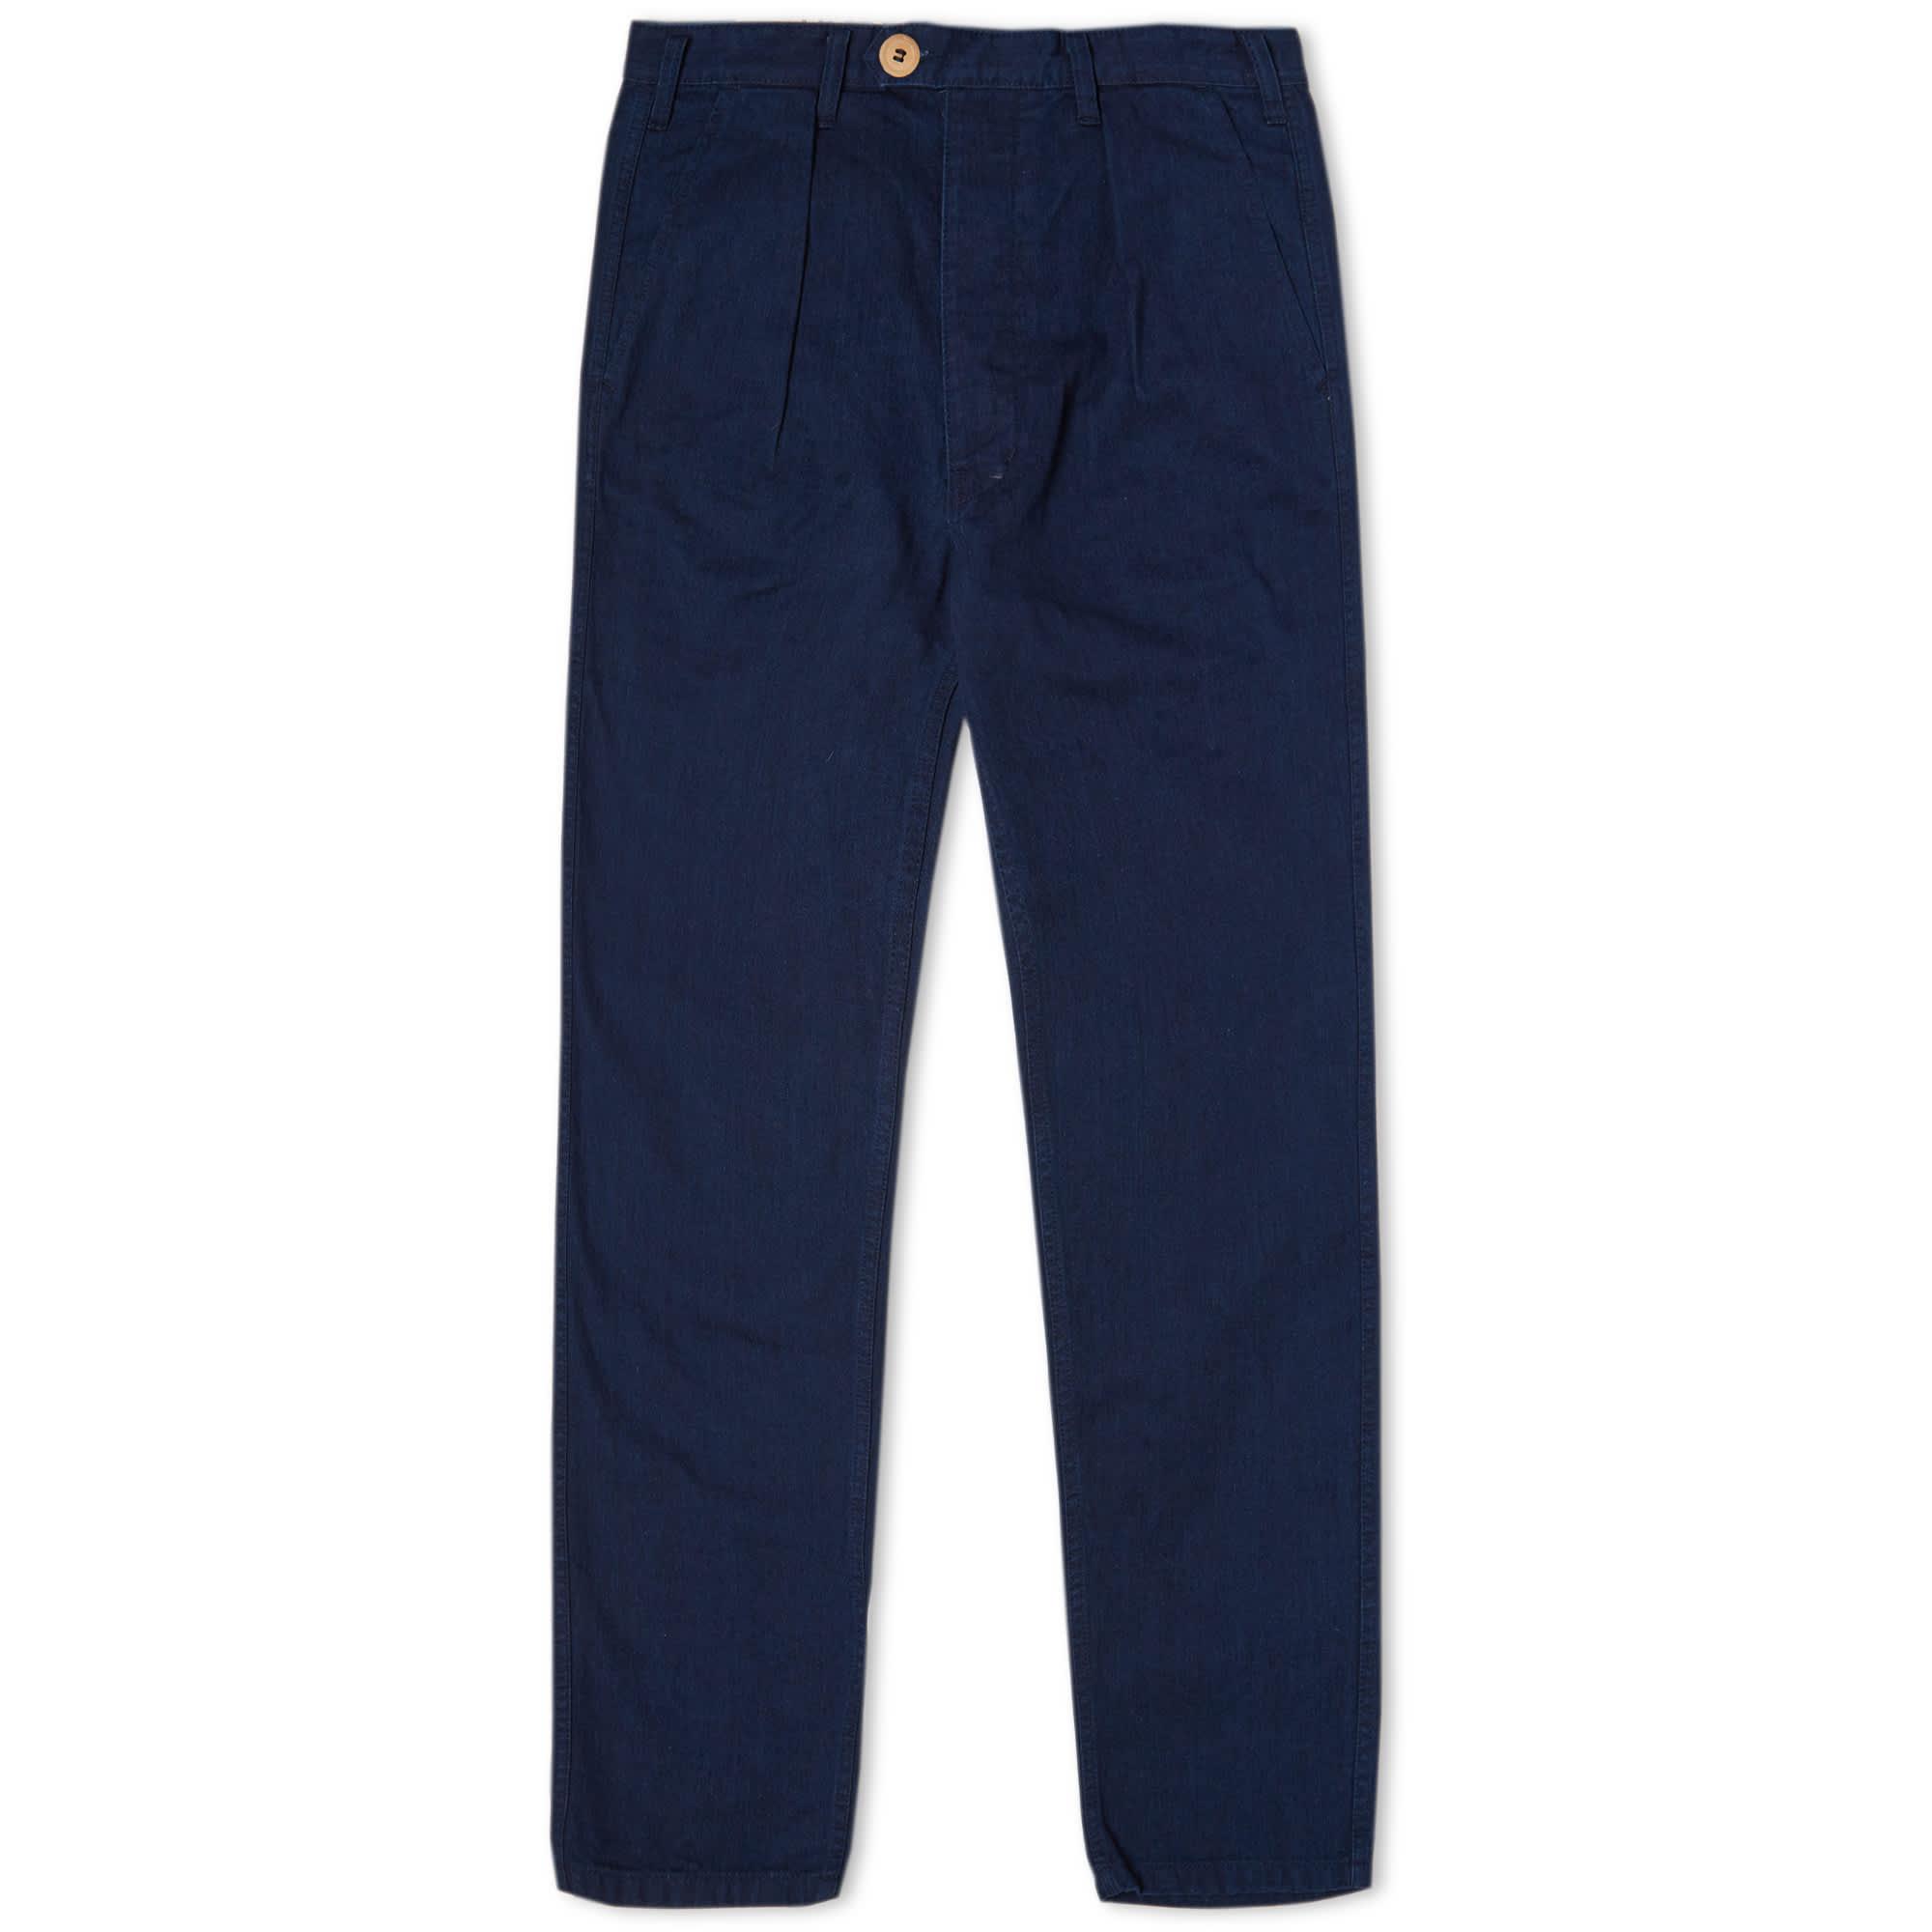 Bleu de Paname Swedish Pant - Indigo